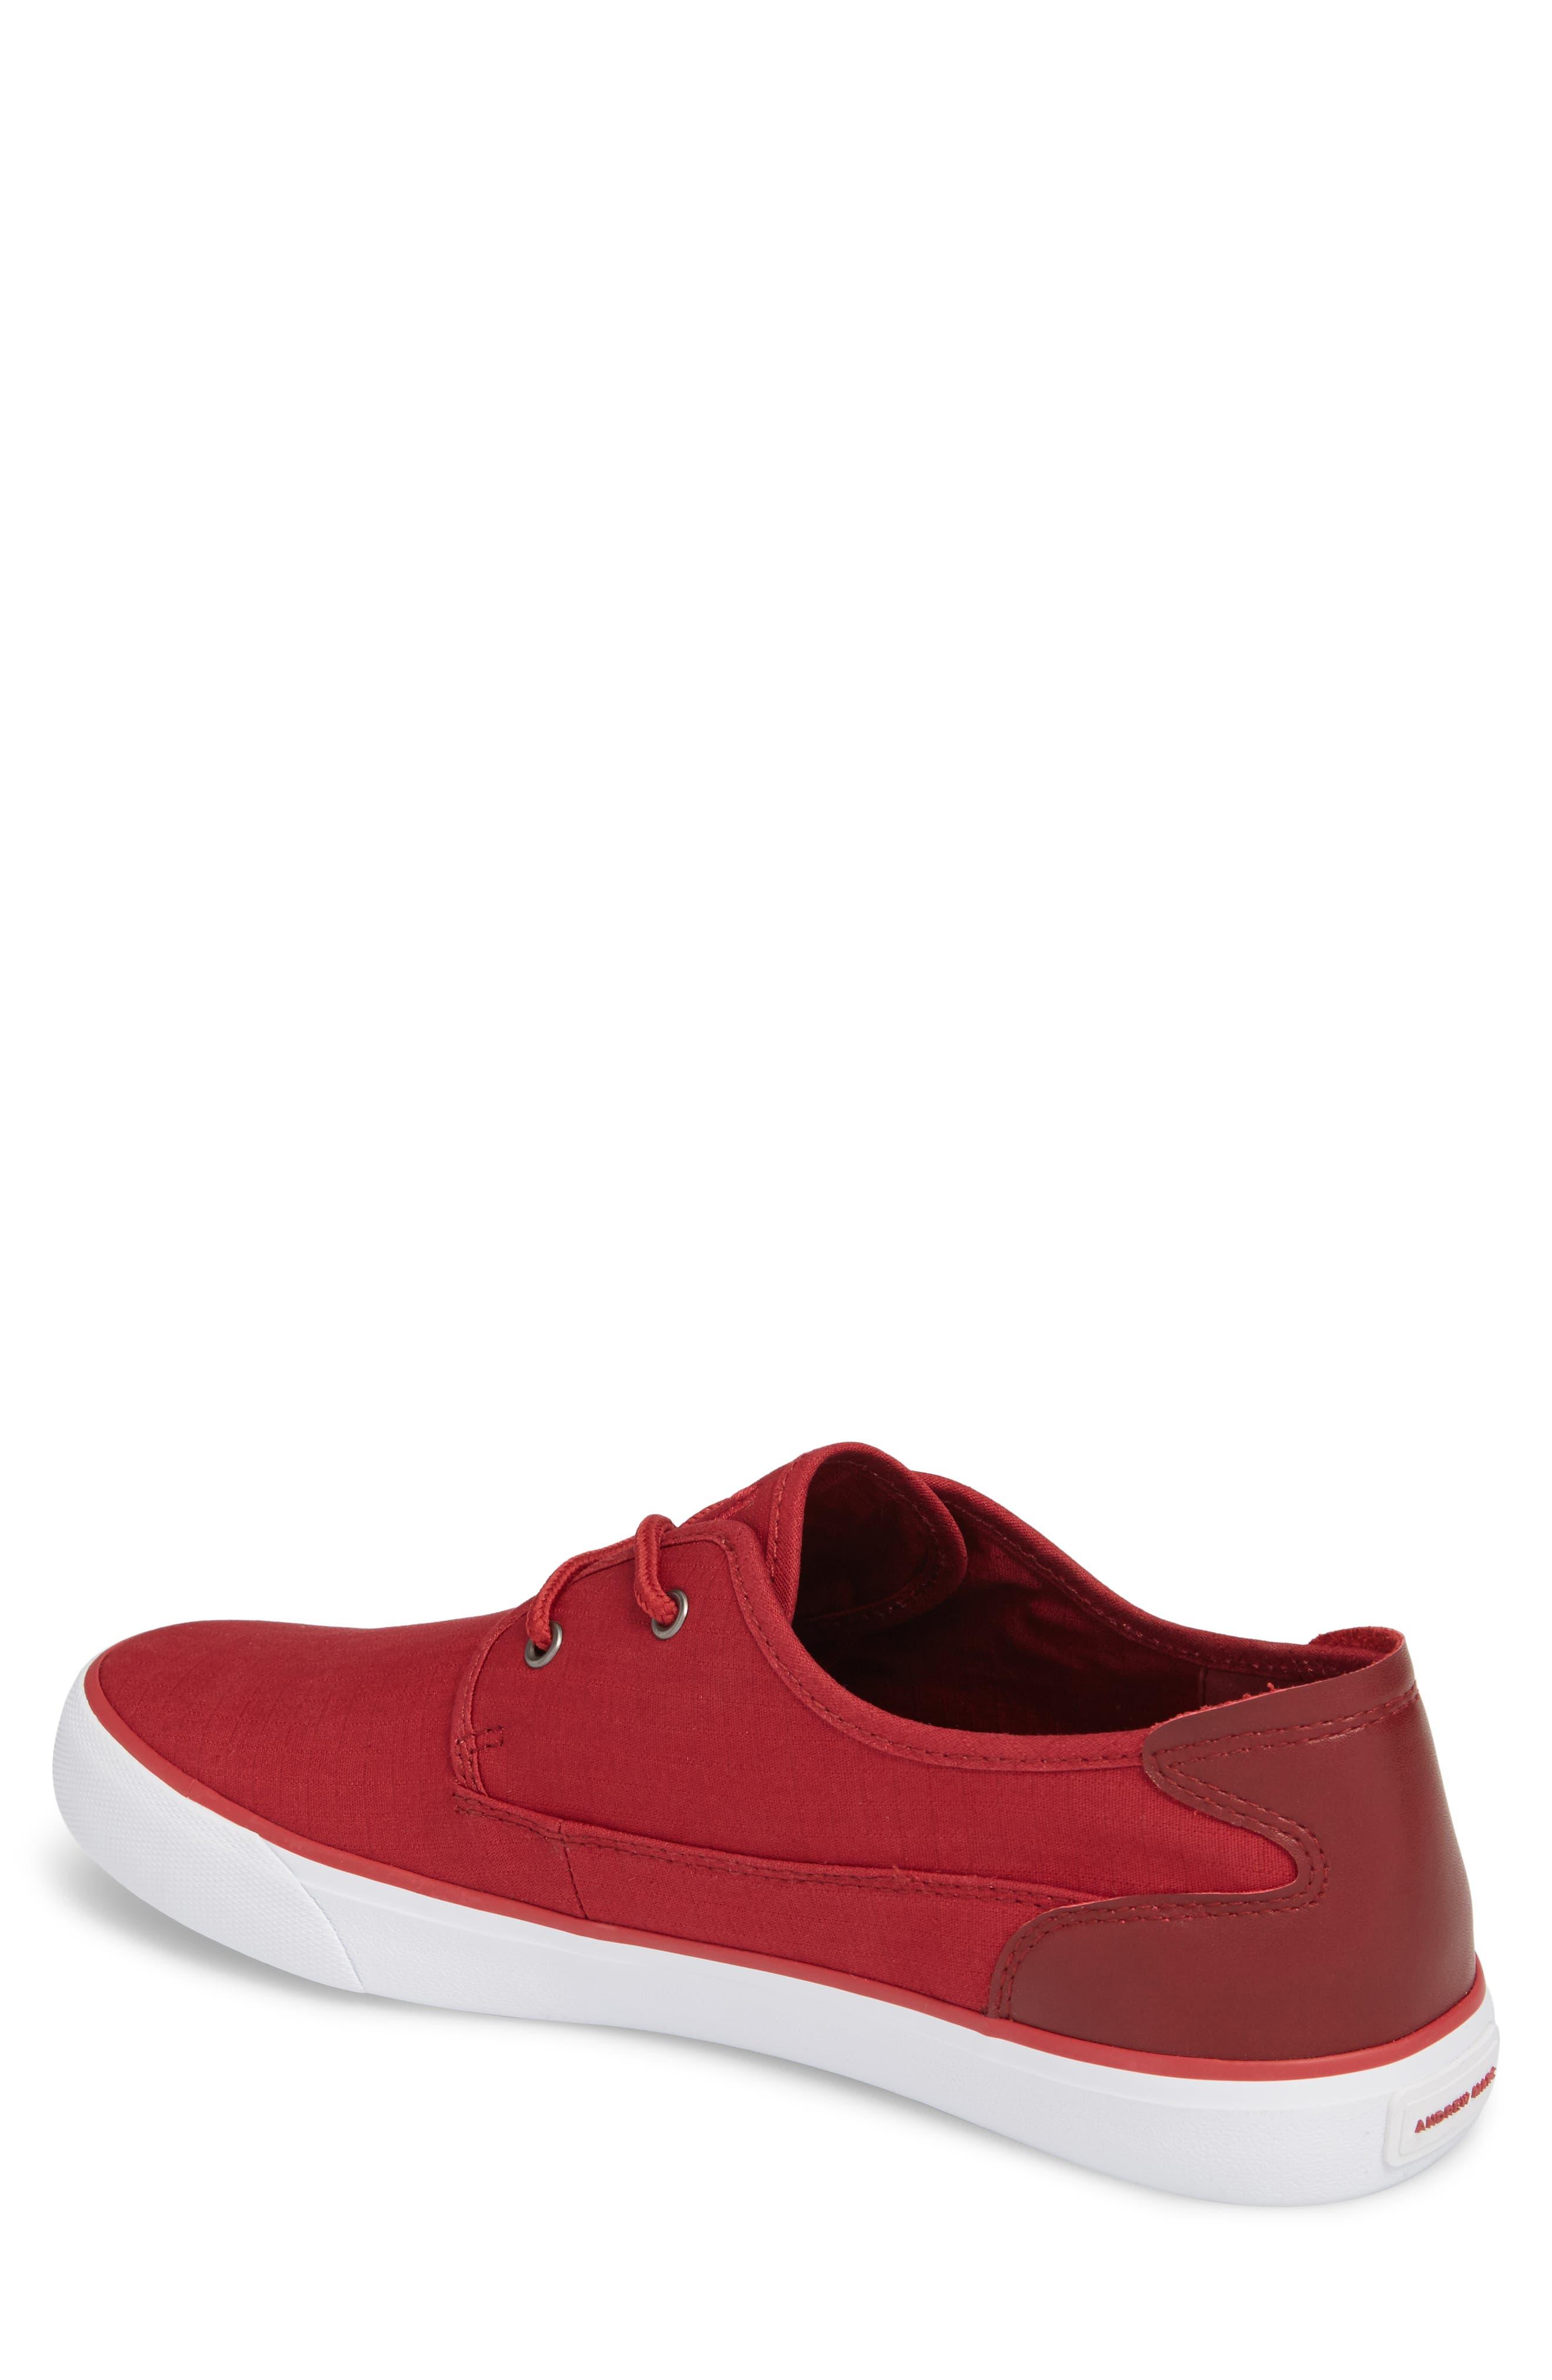 Morris Sneaker,                             Alternate thumbnail 2, color,                             RED/ WHITE